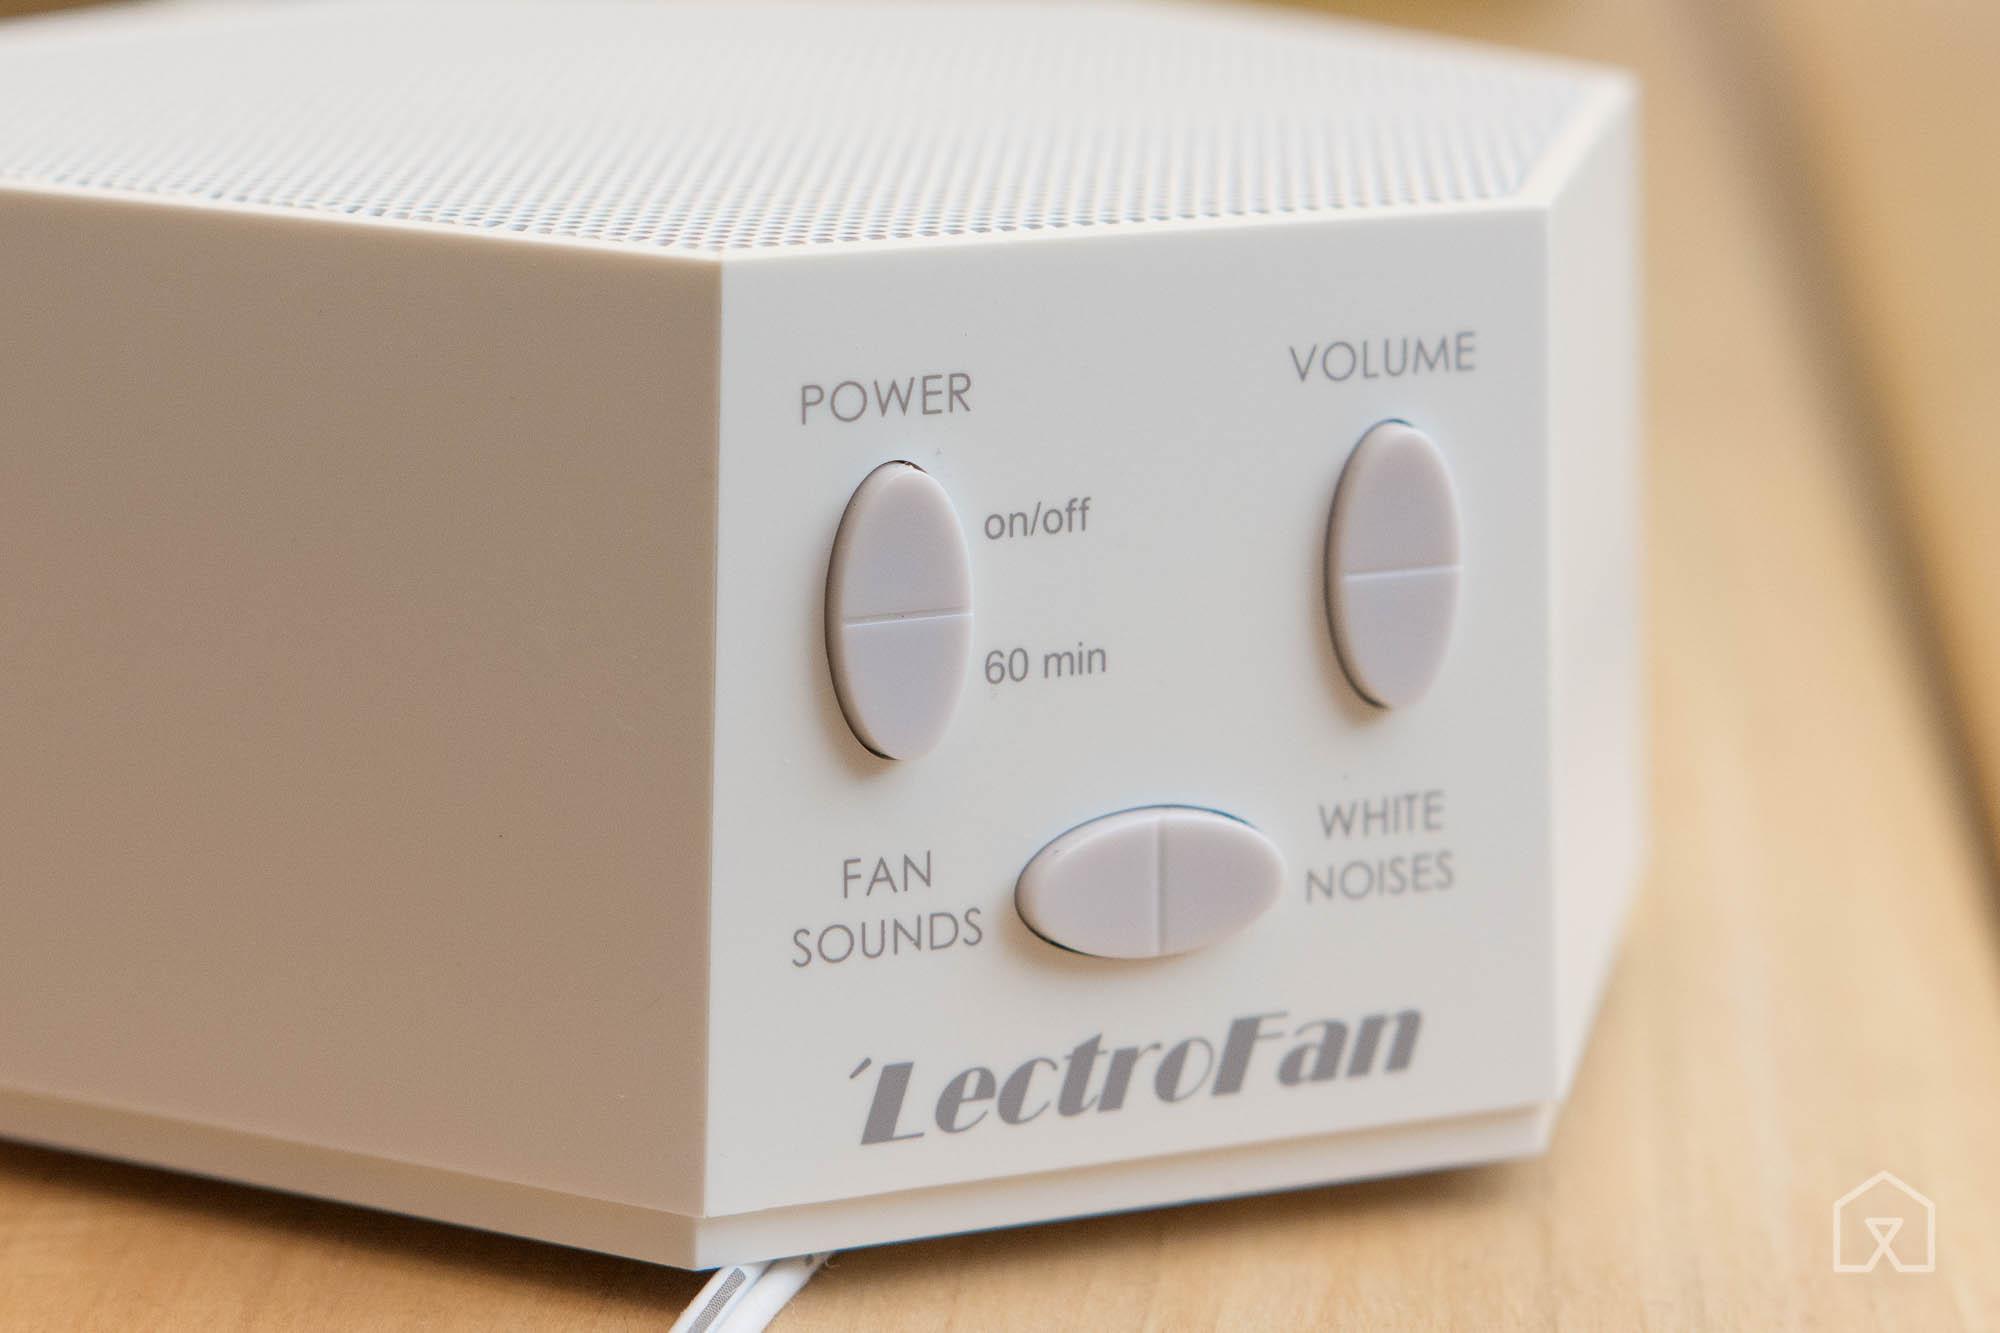 03 white noise machine the best white noise machine  at honlapkeszites.co